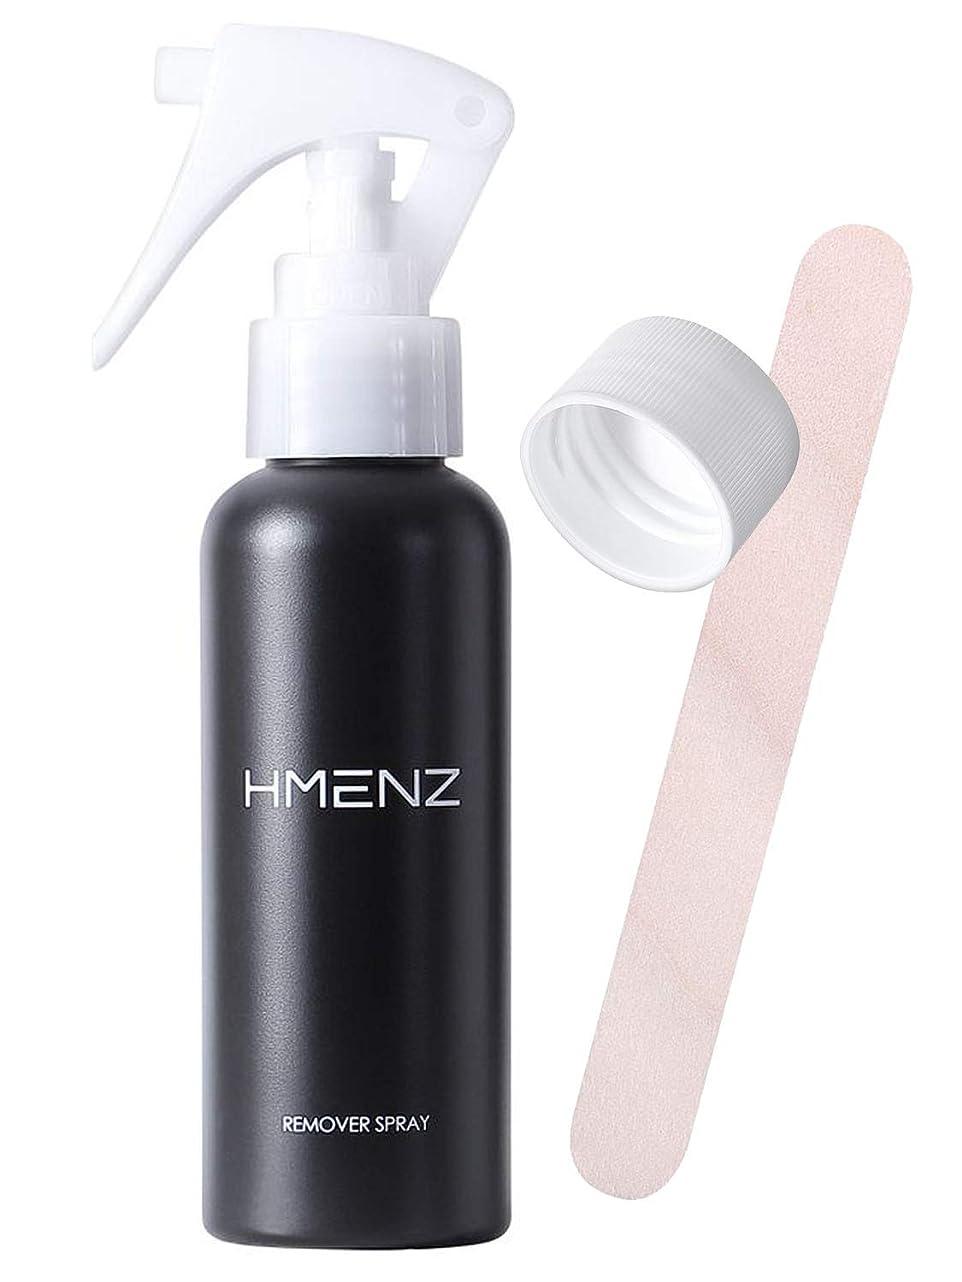 繁栄ご覧ください通知する医薬部外品 除毛クリーム 男性 用 HMENZ メンズ 除毛 スプレー ヘラ 付き 100g 「 たっぷり 保湿 デリケート 敏感肌 でも使える じょもうクリーム 」「 ワキ 腕 脚 用 除毛剤 臭い大幅カット 」